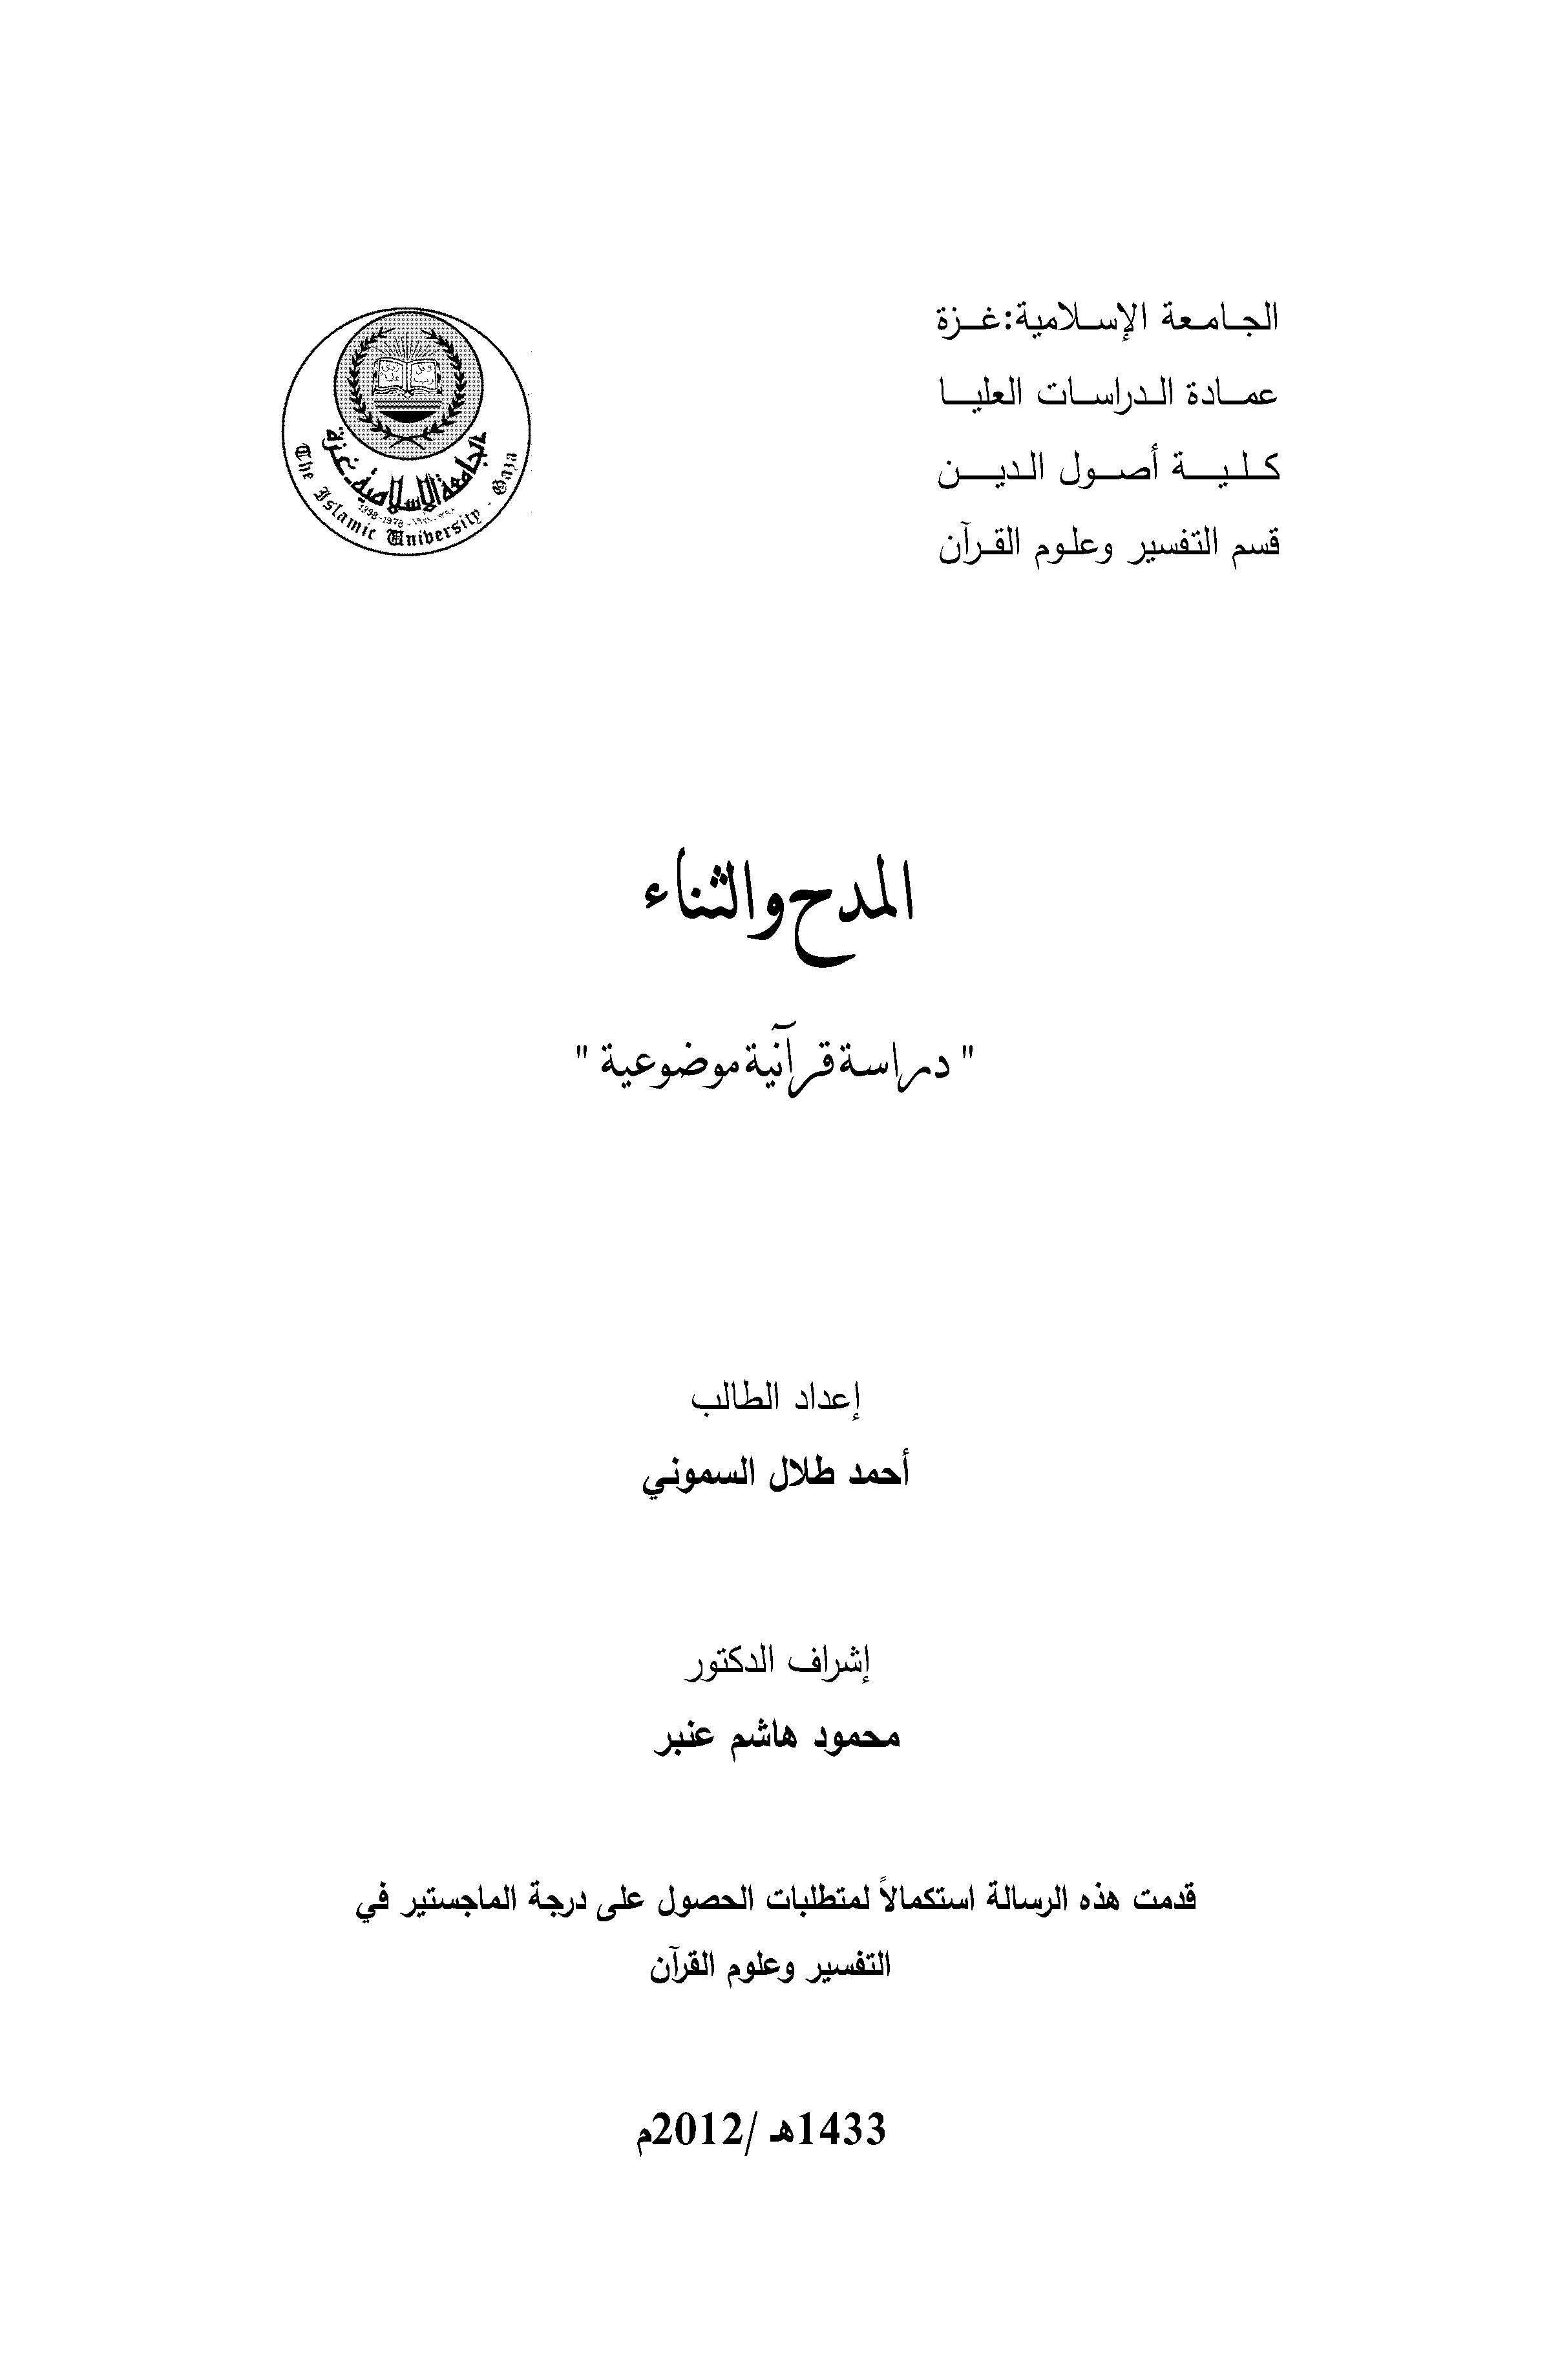 تحميل كتاب المدح والثناء (دراسة قرآنية موضوعية) لـِ: أحمد طلال حلمي السموني